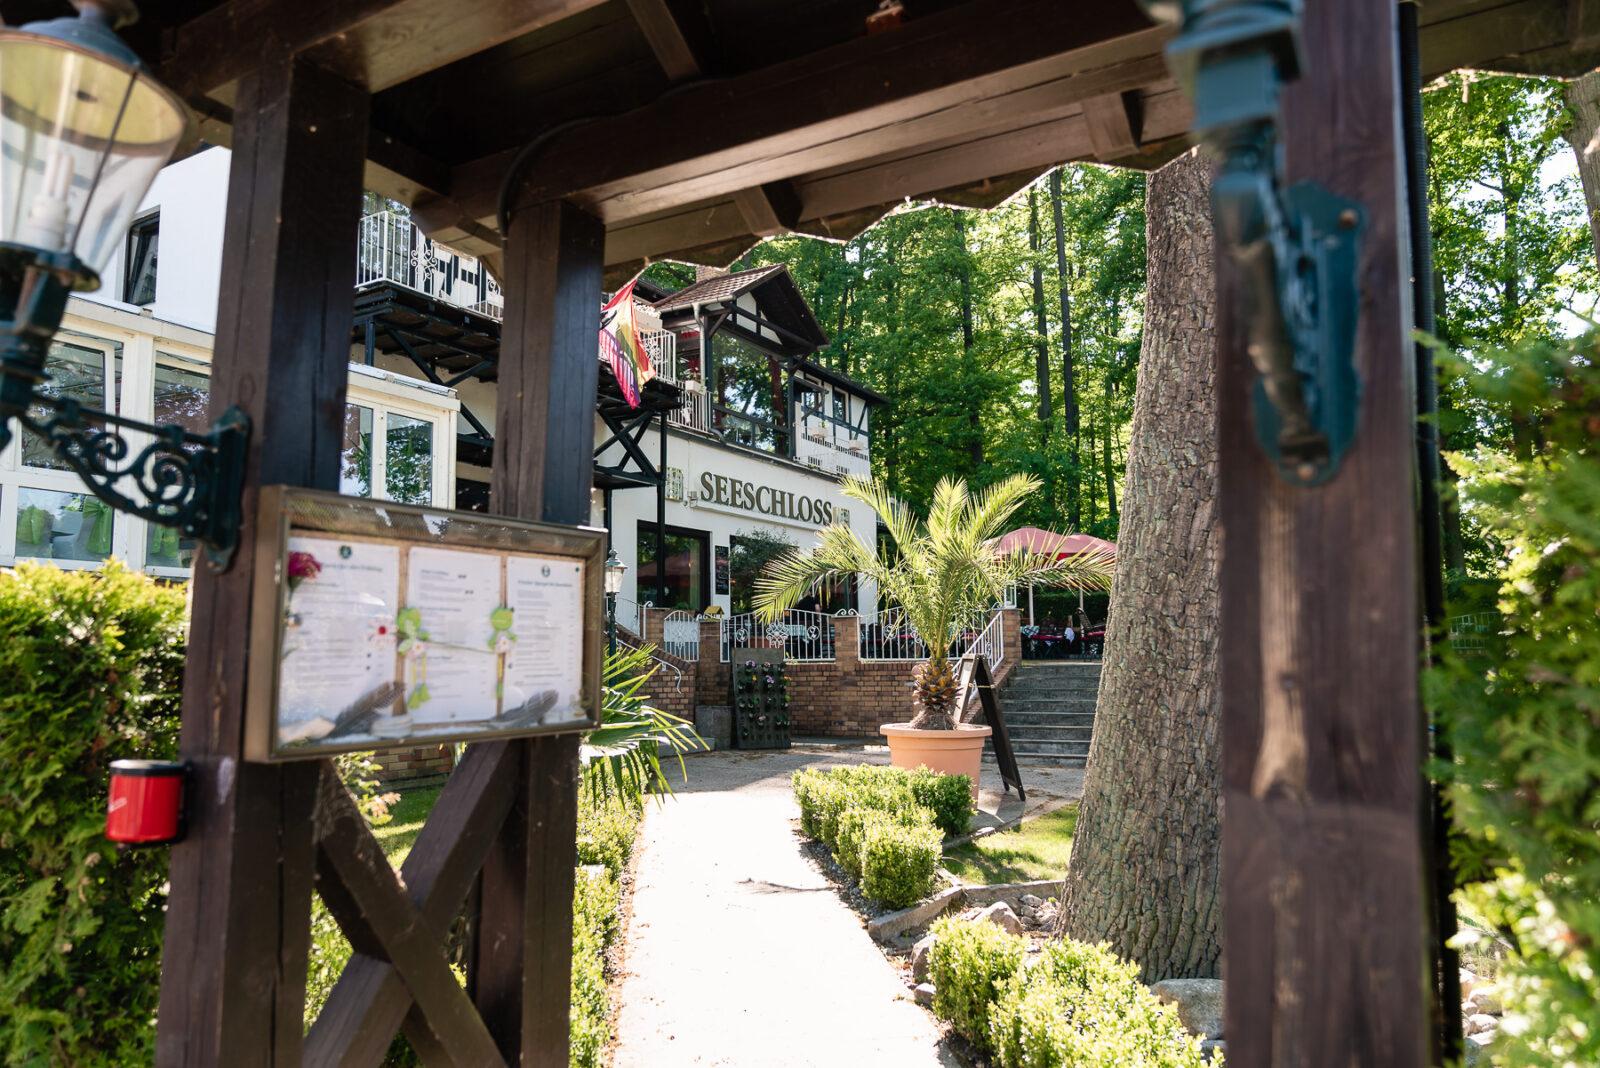 Hotel & Restaurant Seeschloß Lanke | Wandlitz OT Lanke